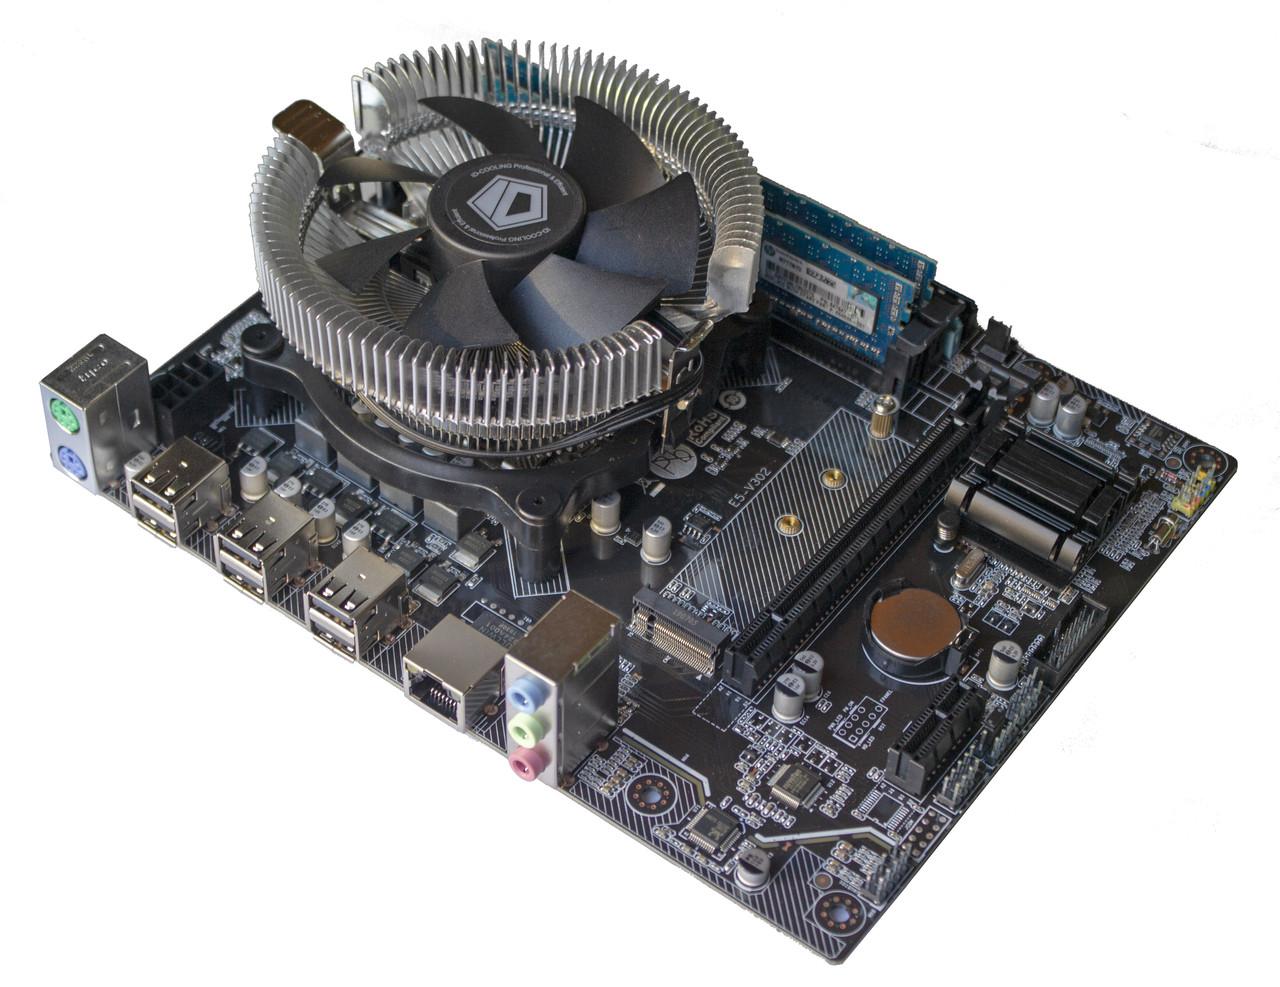 Материнская плата E5-V302 + Xeon E5-2430 2.2-2.7 GHz + 8 GB RAM + Кулер, LGA 1356